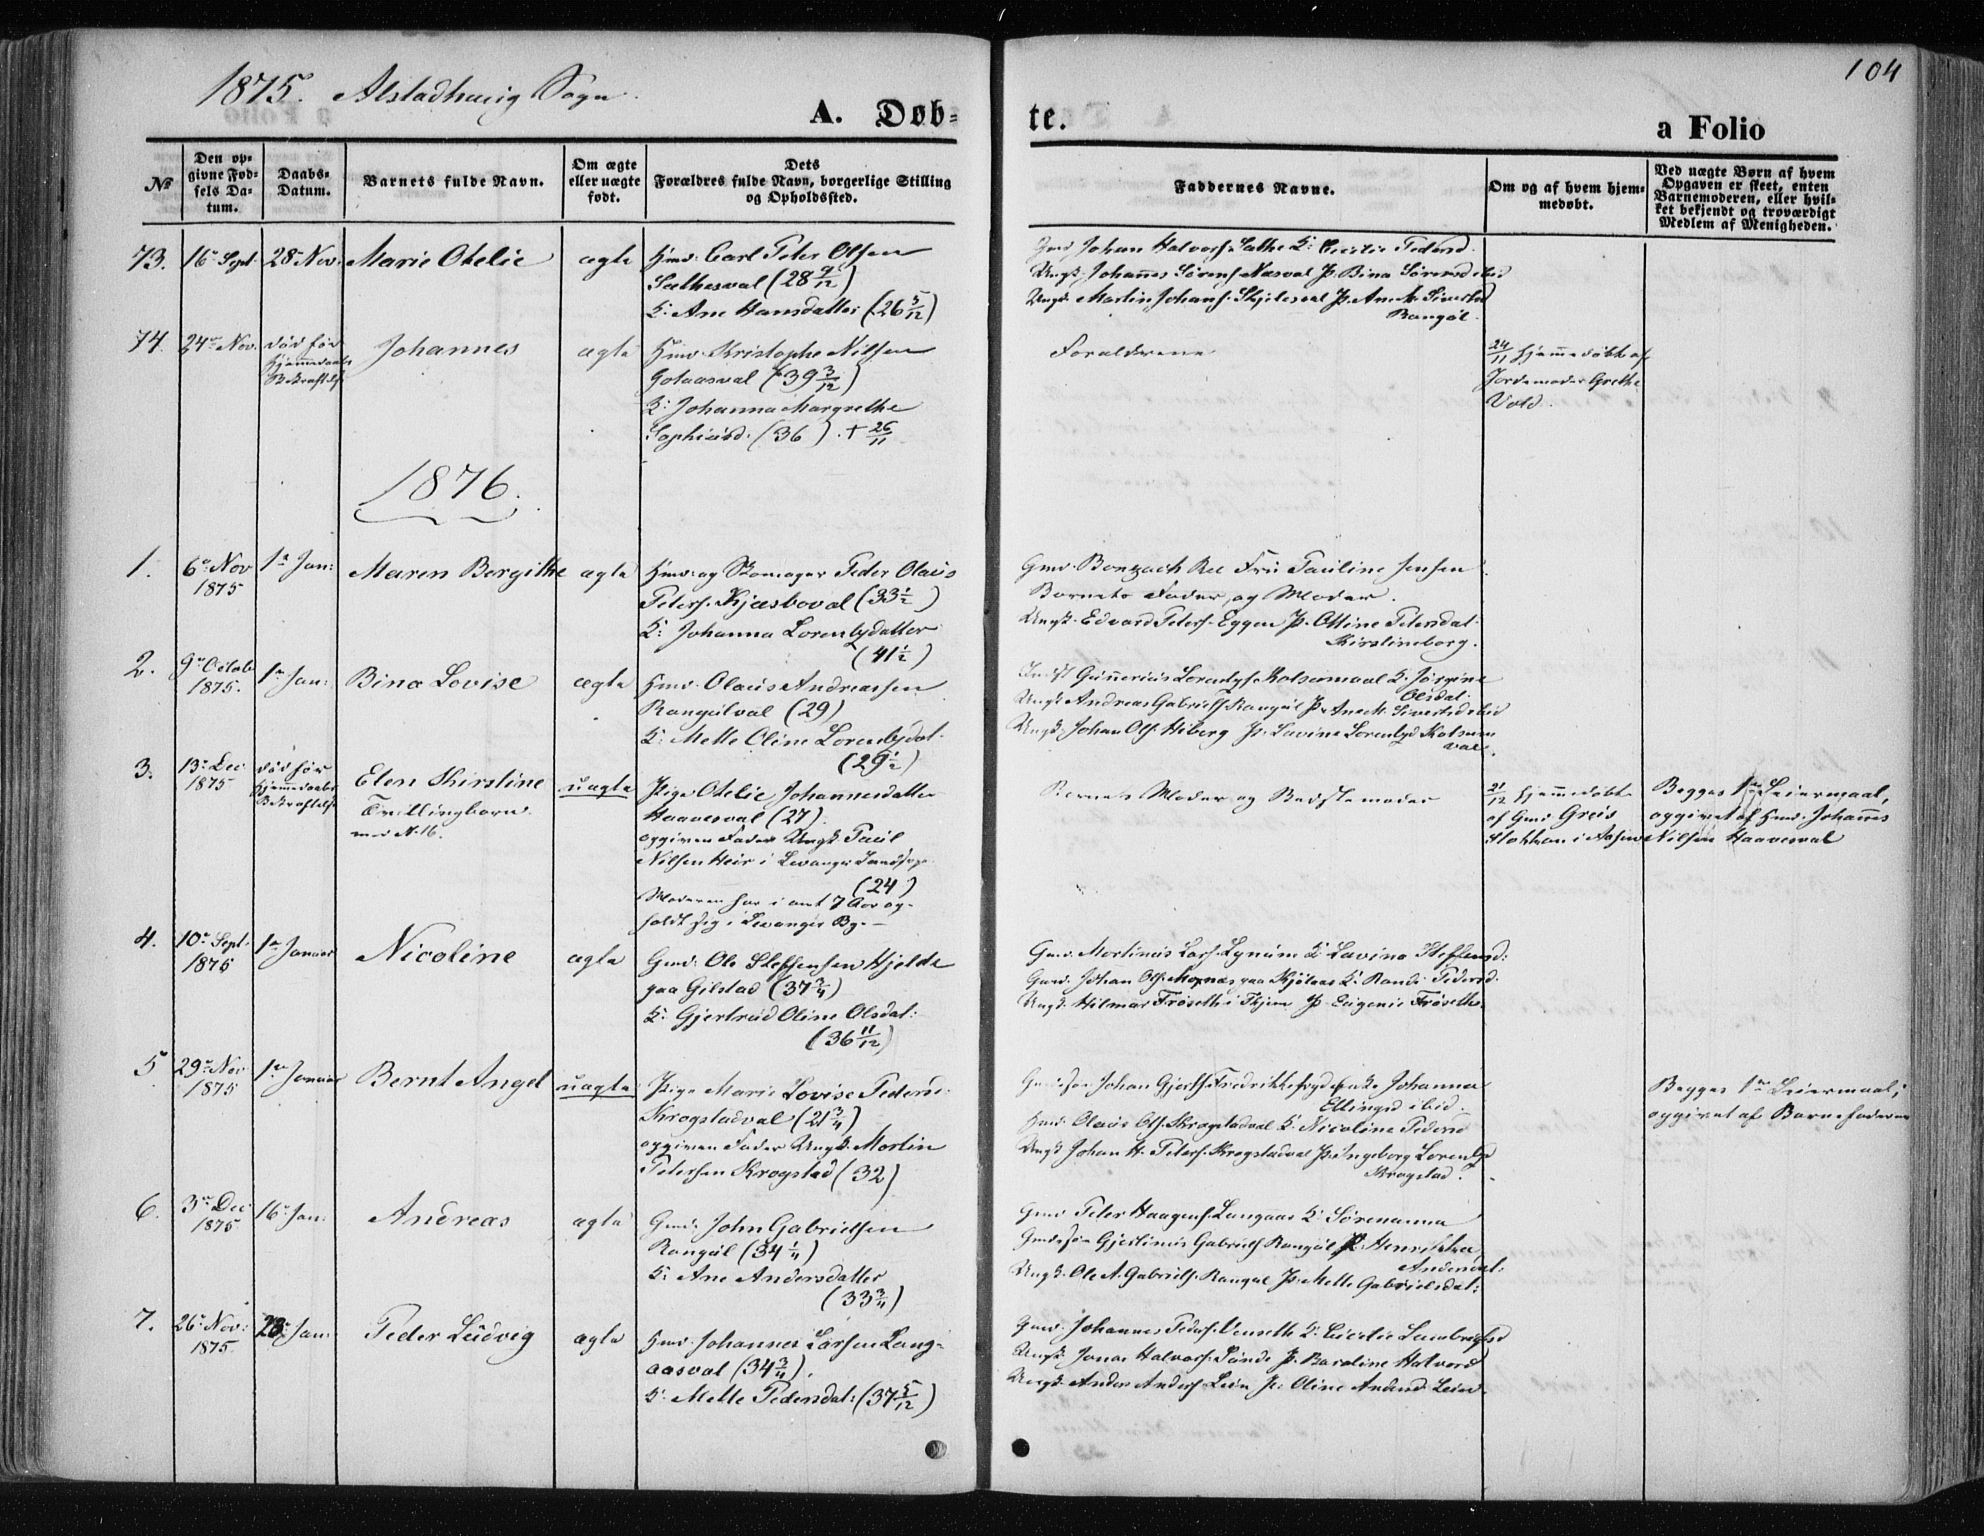 SAT, Ministerialprotokoller, klokkerbøker og fødselsregistre - Nord-Trøndelag, 717/L0157: Ministerialbok nr. 717A08 /1, 1863-1877, s. 104